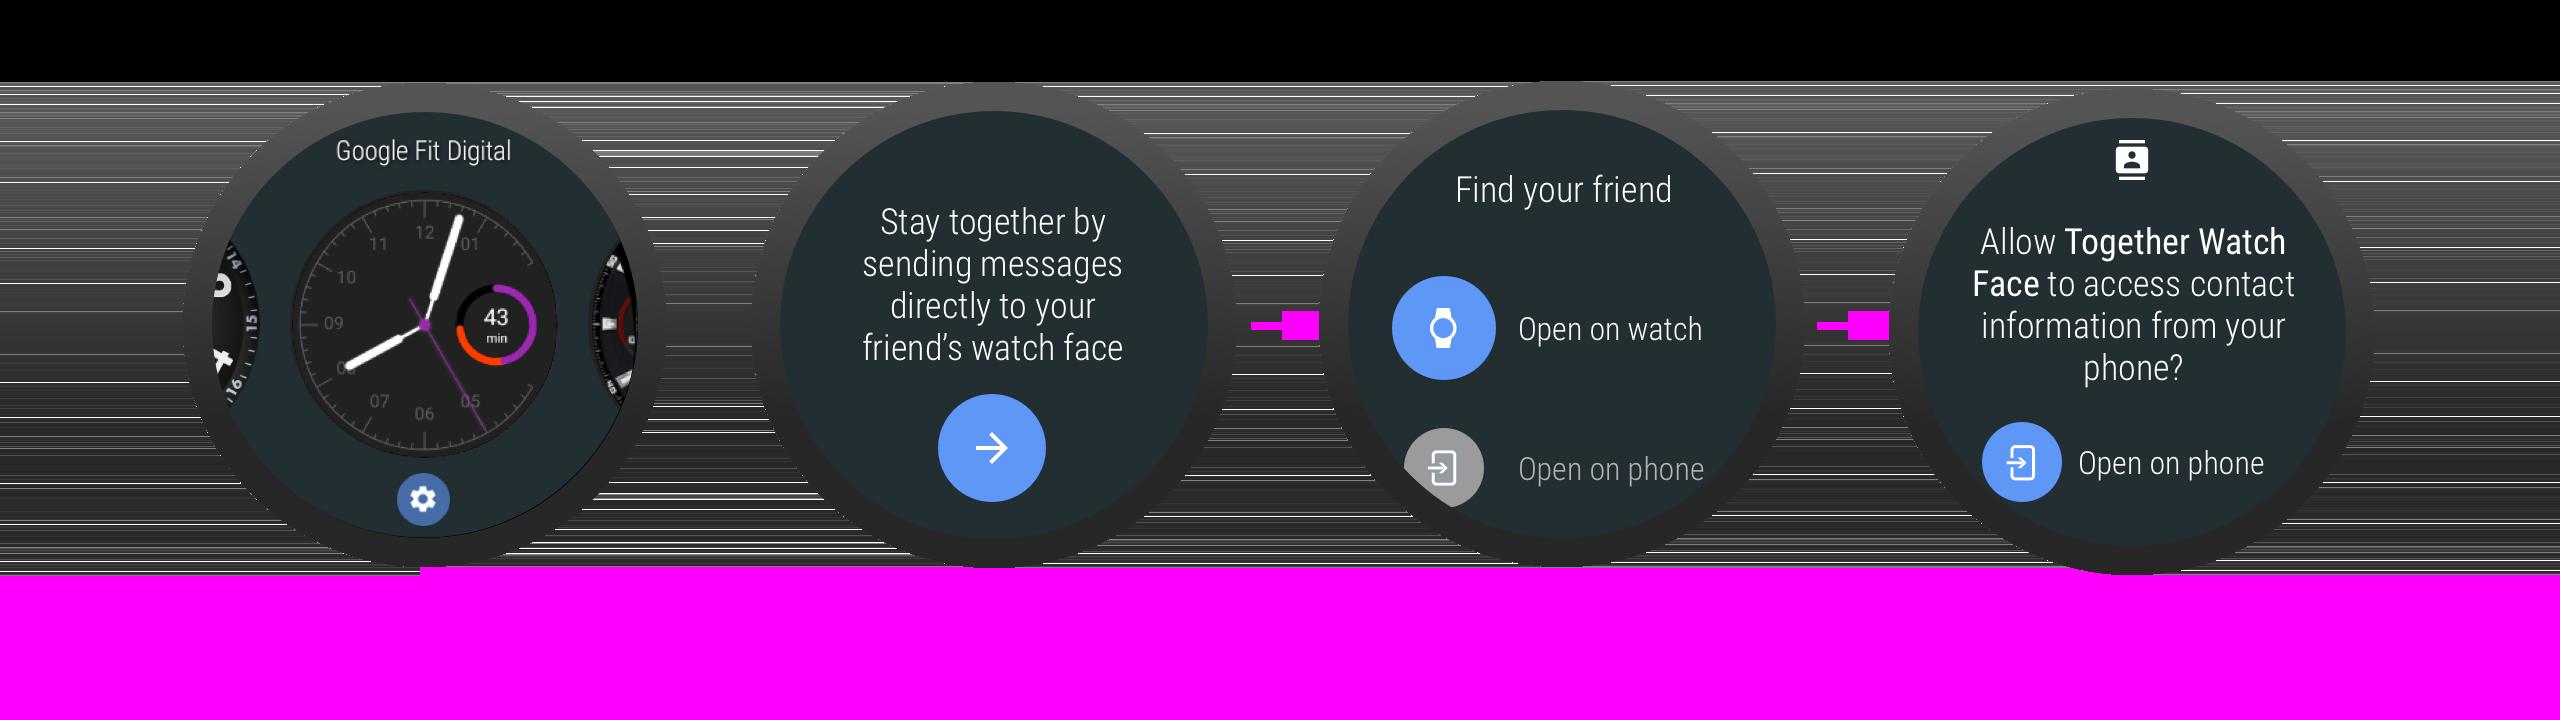 Ao solicitar uma permissão após a inicialização, o app pode explicar por que precisa dela.